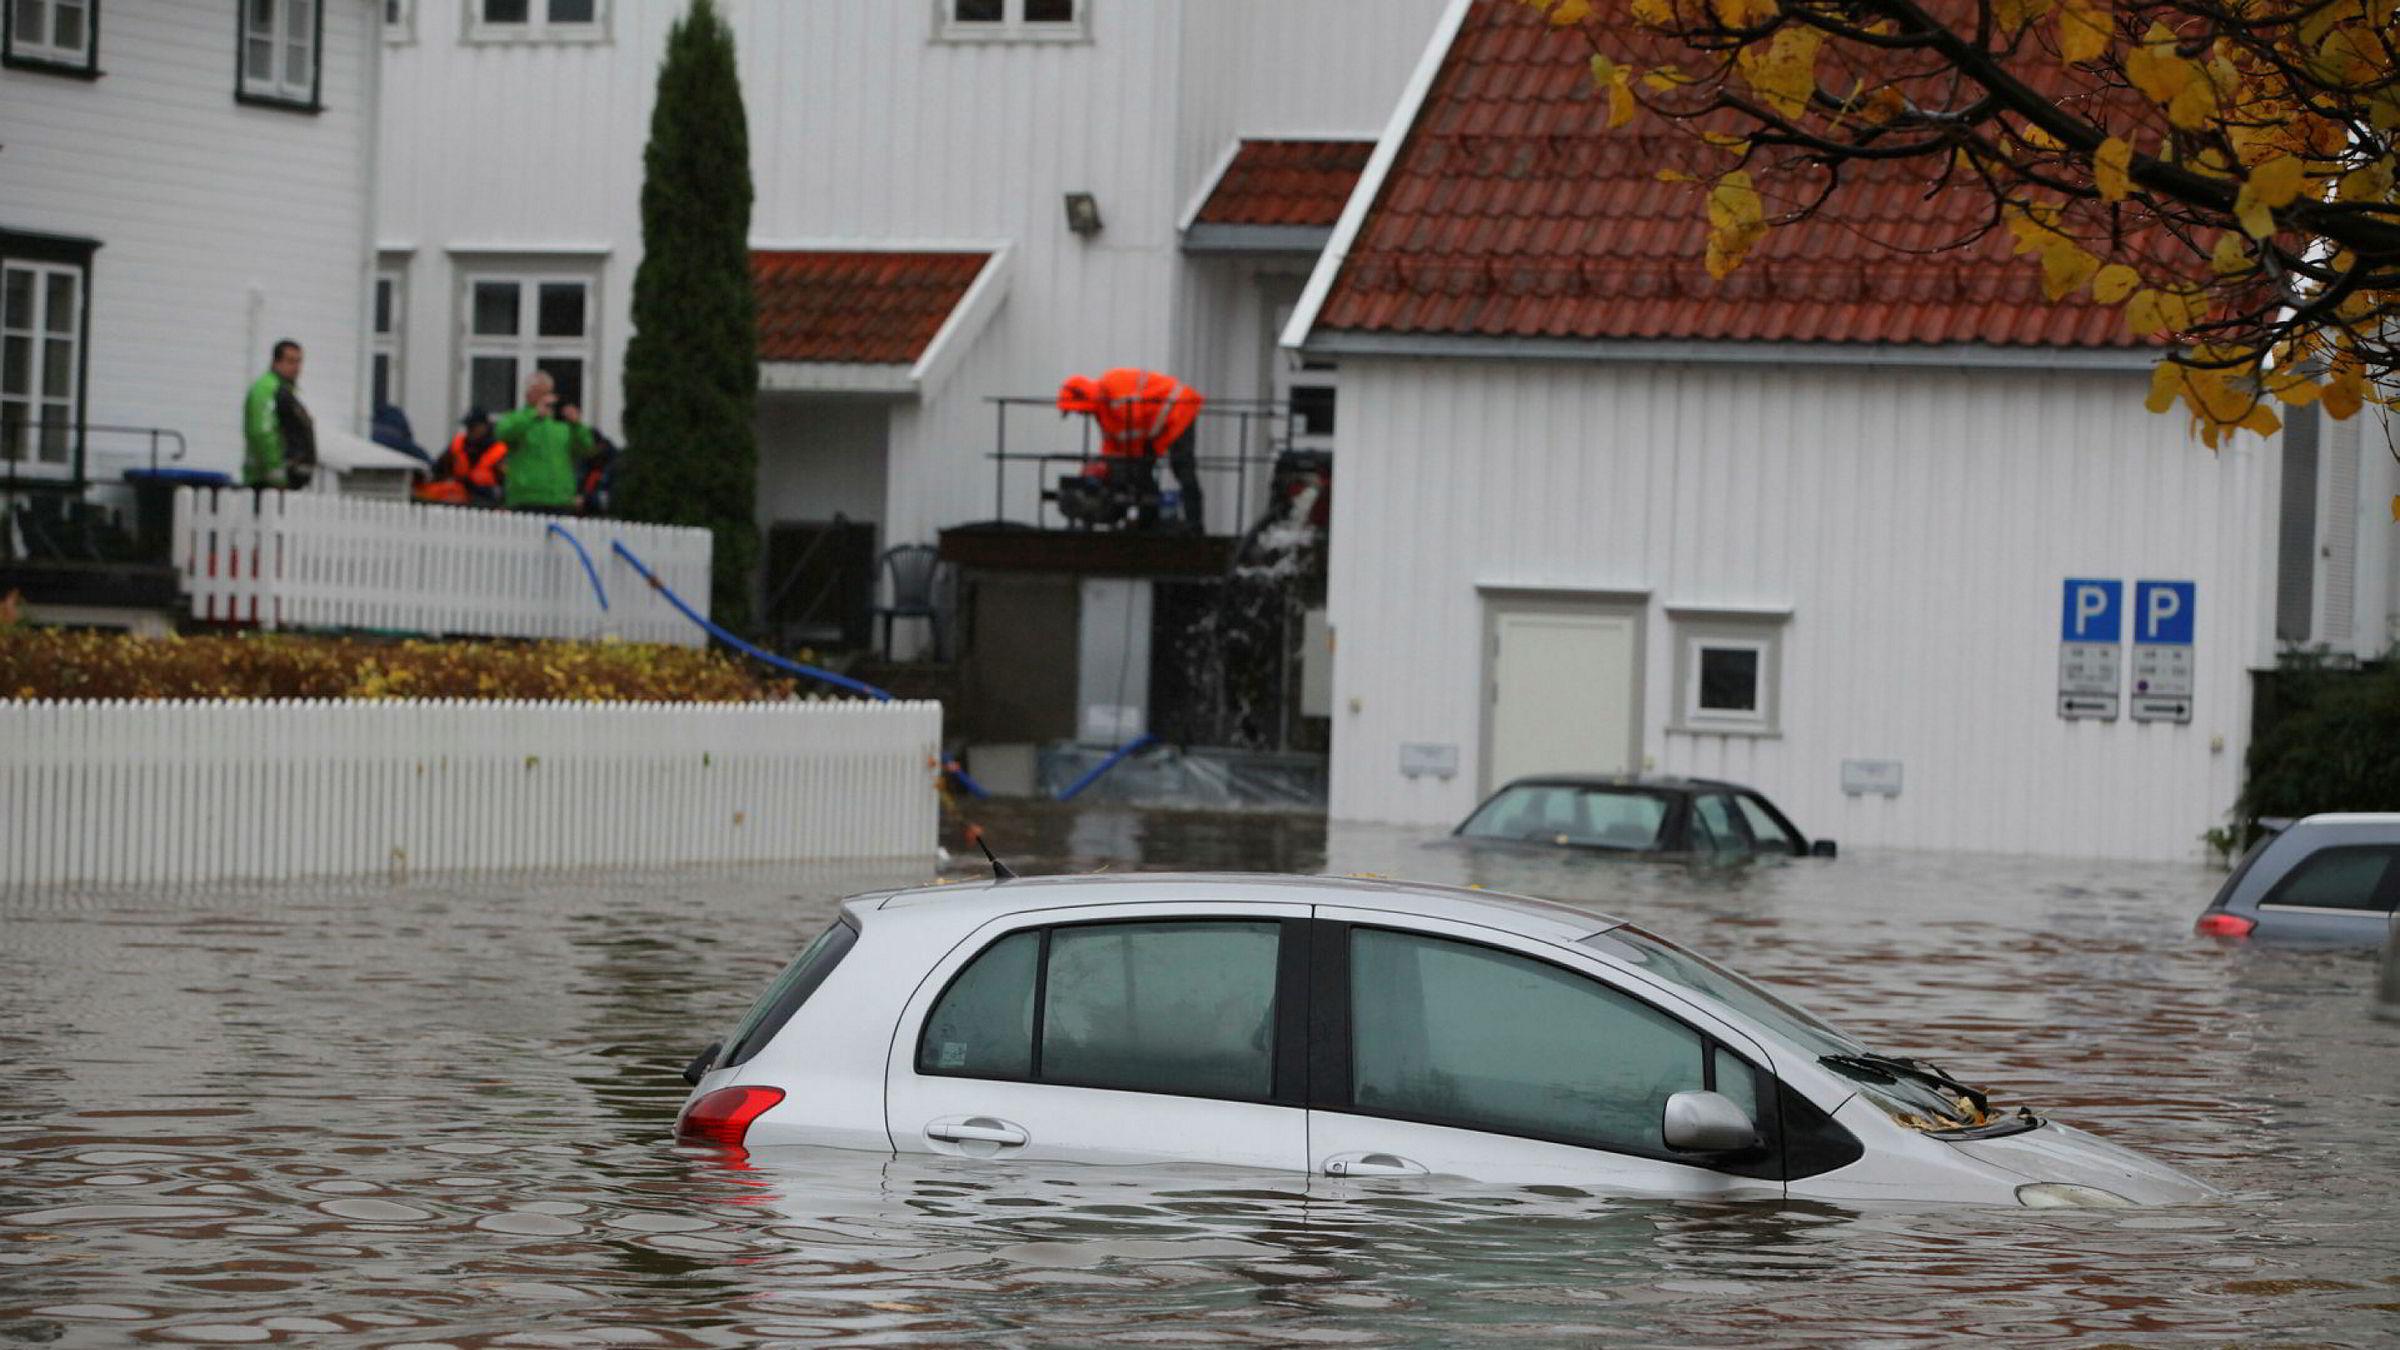 Vi risikerer mer av dette i årene fremover. Bildet er fra Tvedestrand i oktober da regnet forvandlet veier, parkeringsplasser og folks hager til svømmebasseng.